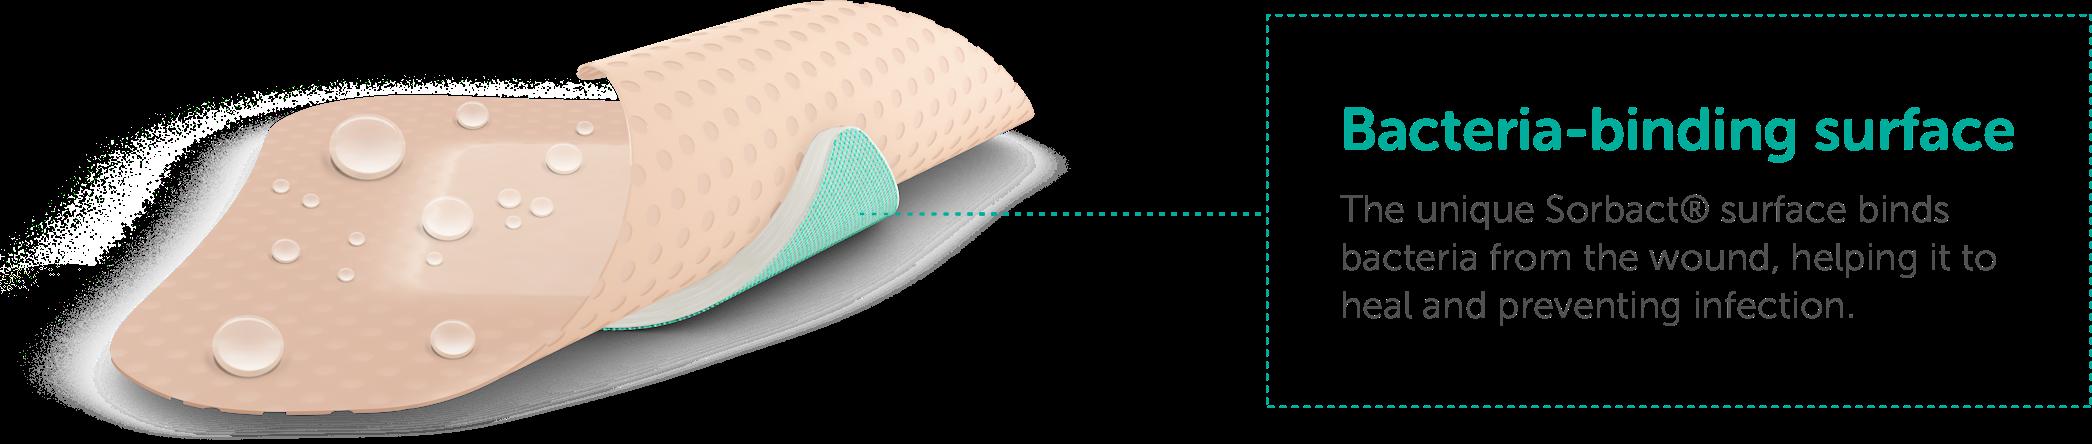 foam_gentle_border_illustration_eng